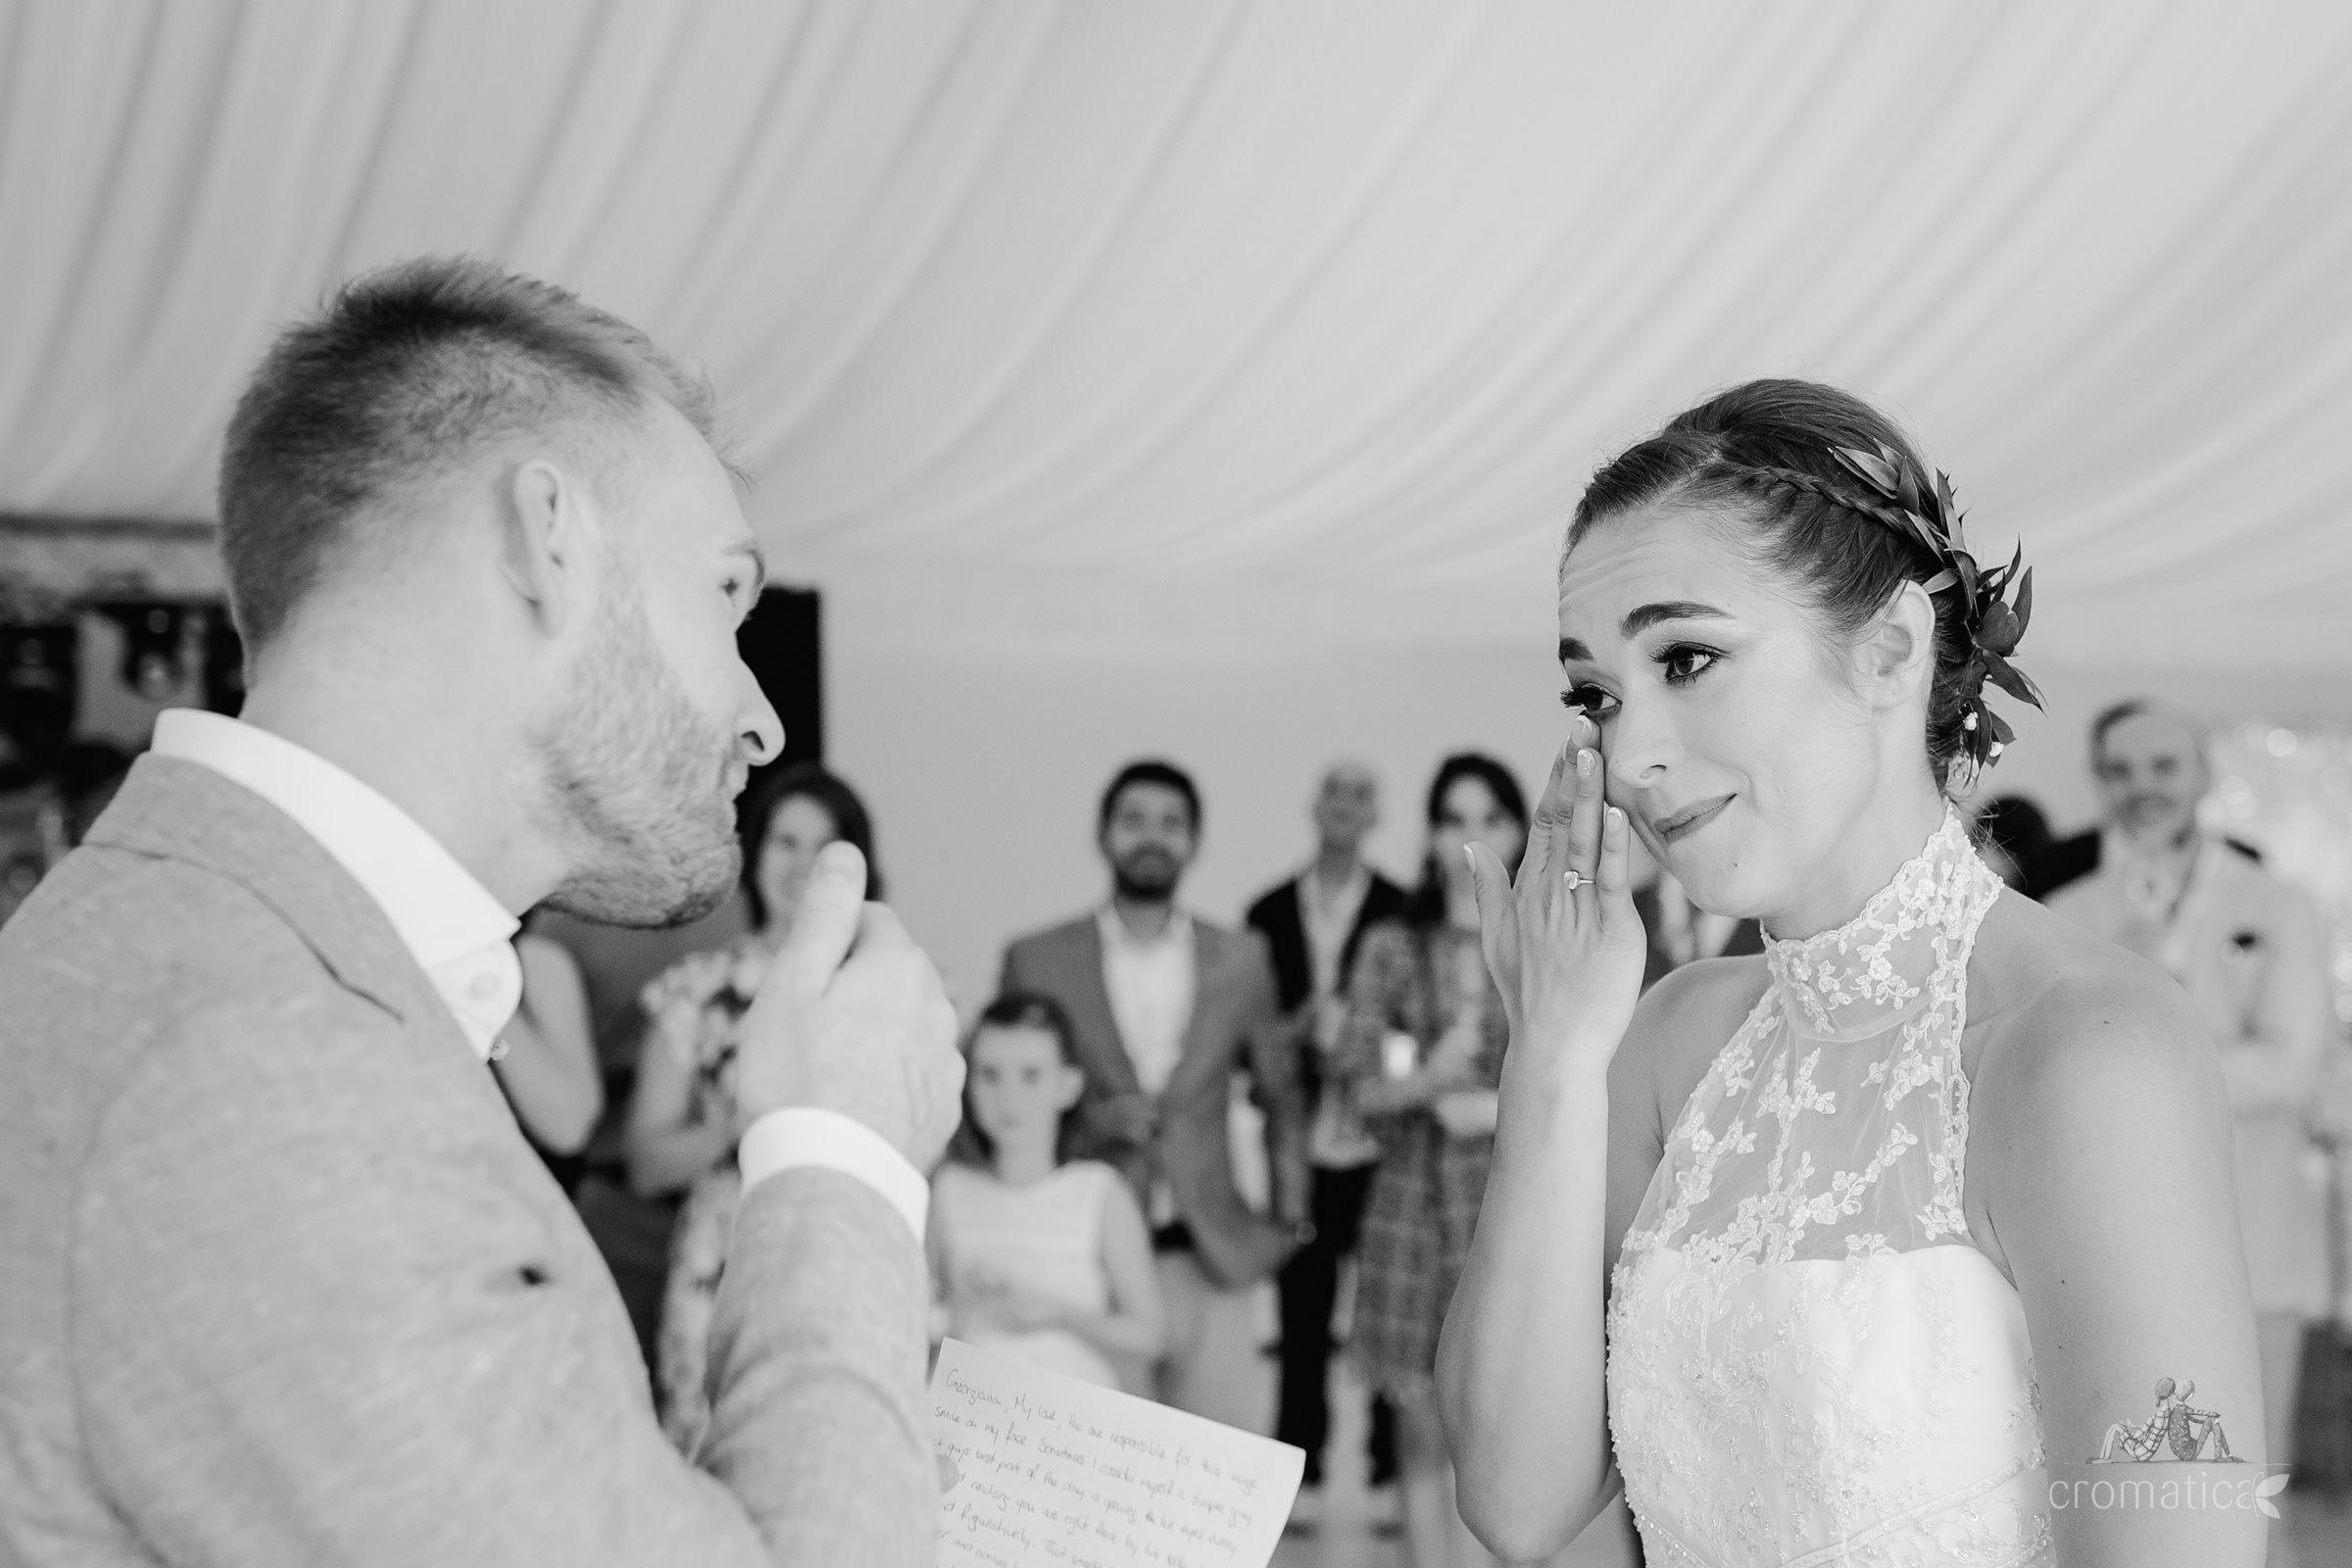 georgiana robert fotografii nunta casa vlasia 062